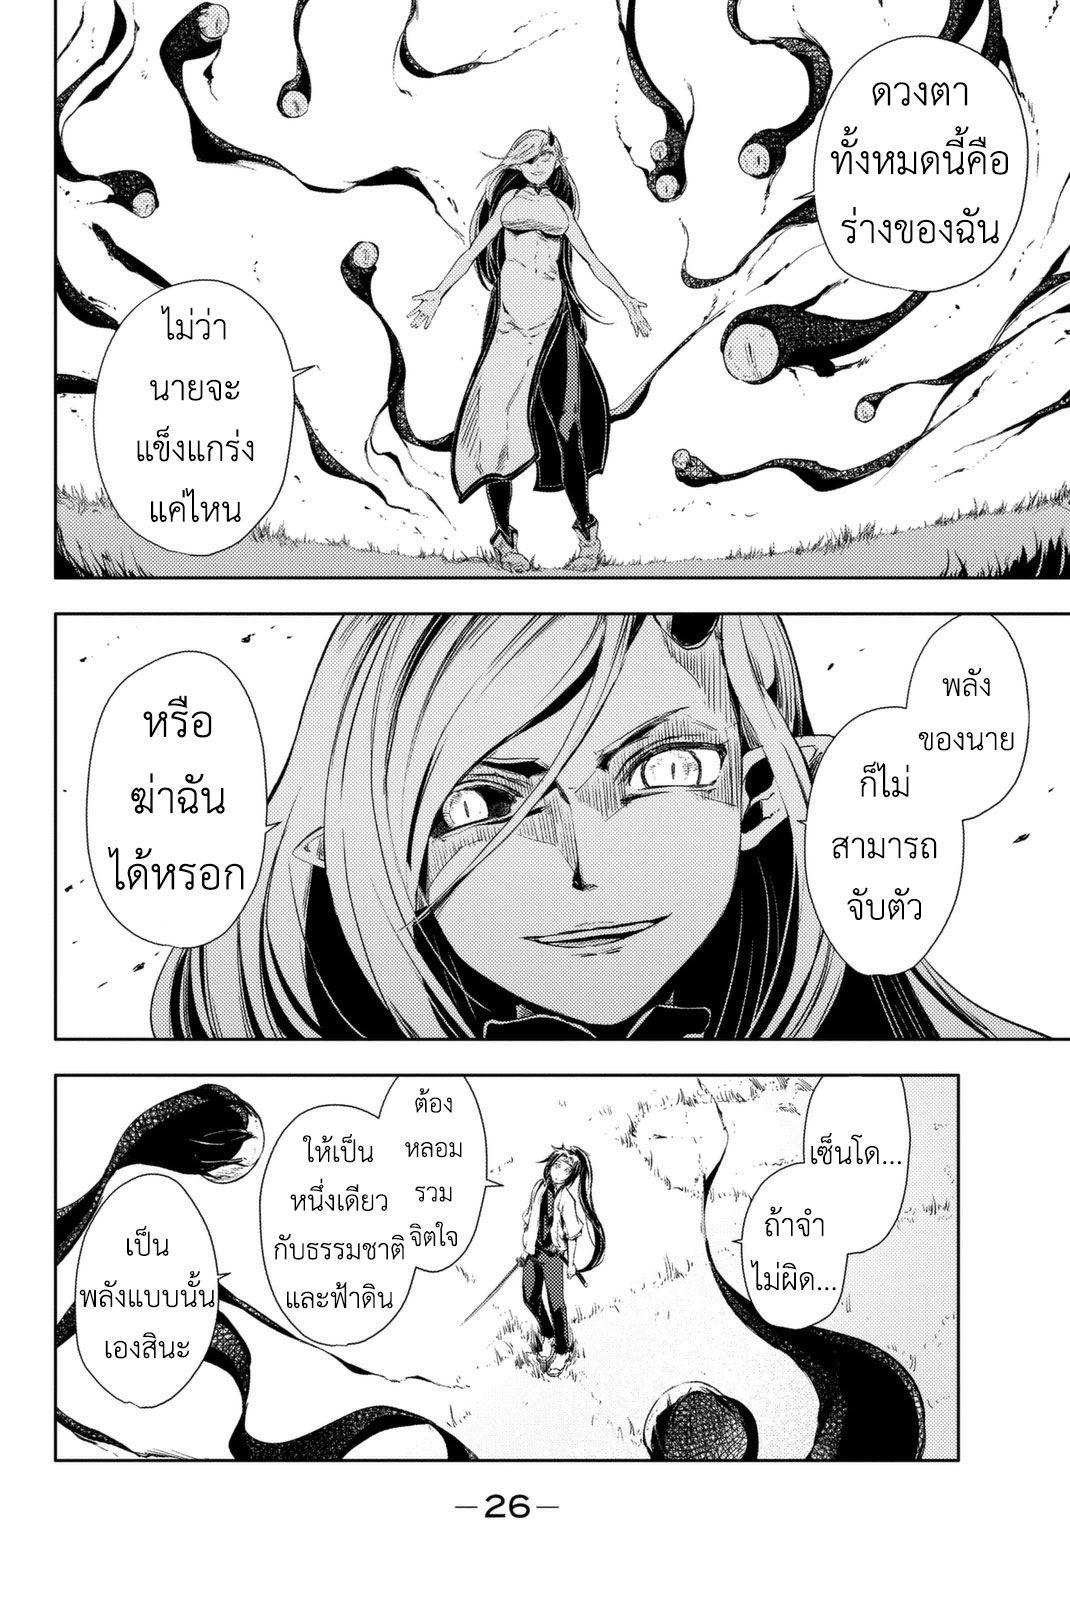 อ่านการ์ตูน Peach Boy Riverside ตอนที่ 4 หน้าที่ 26